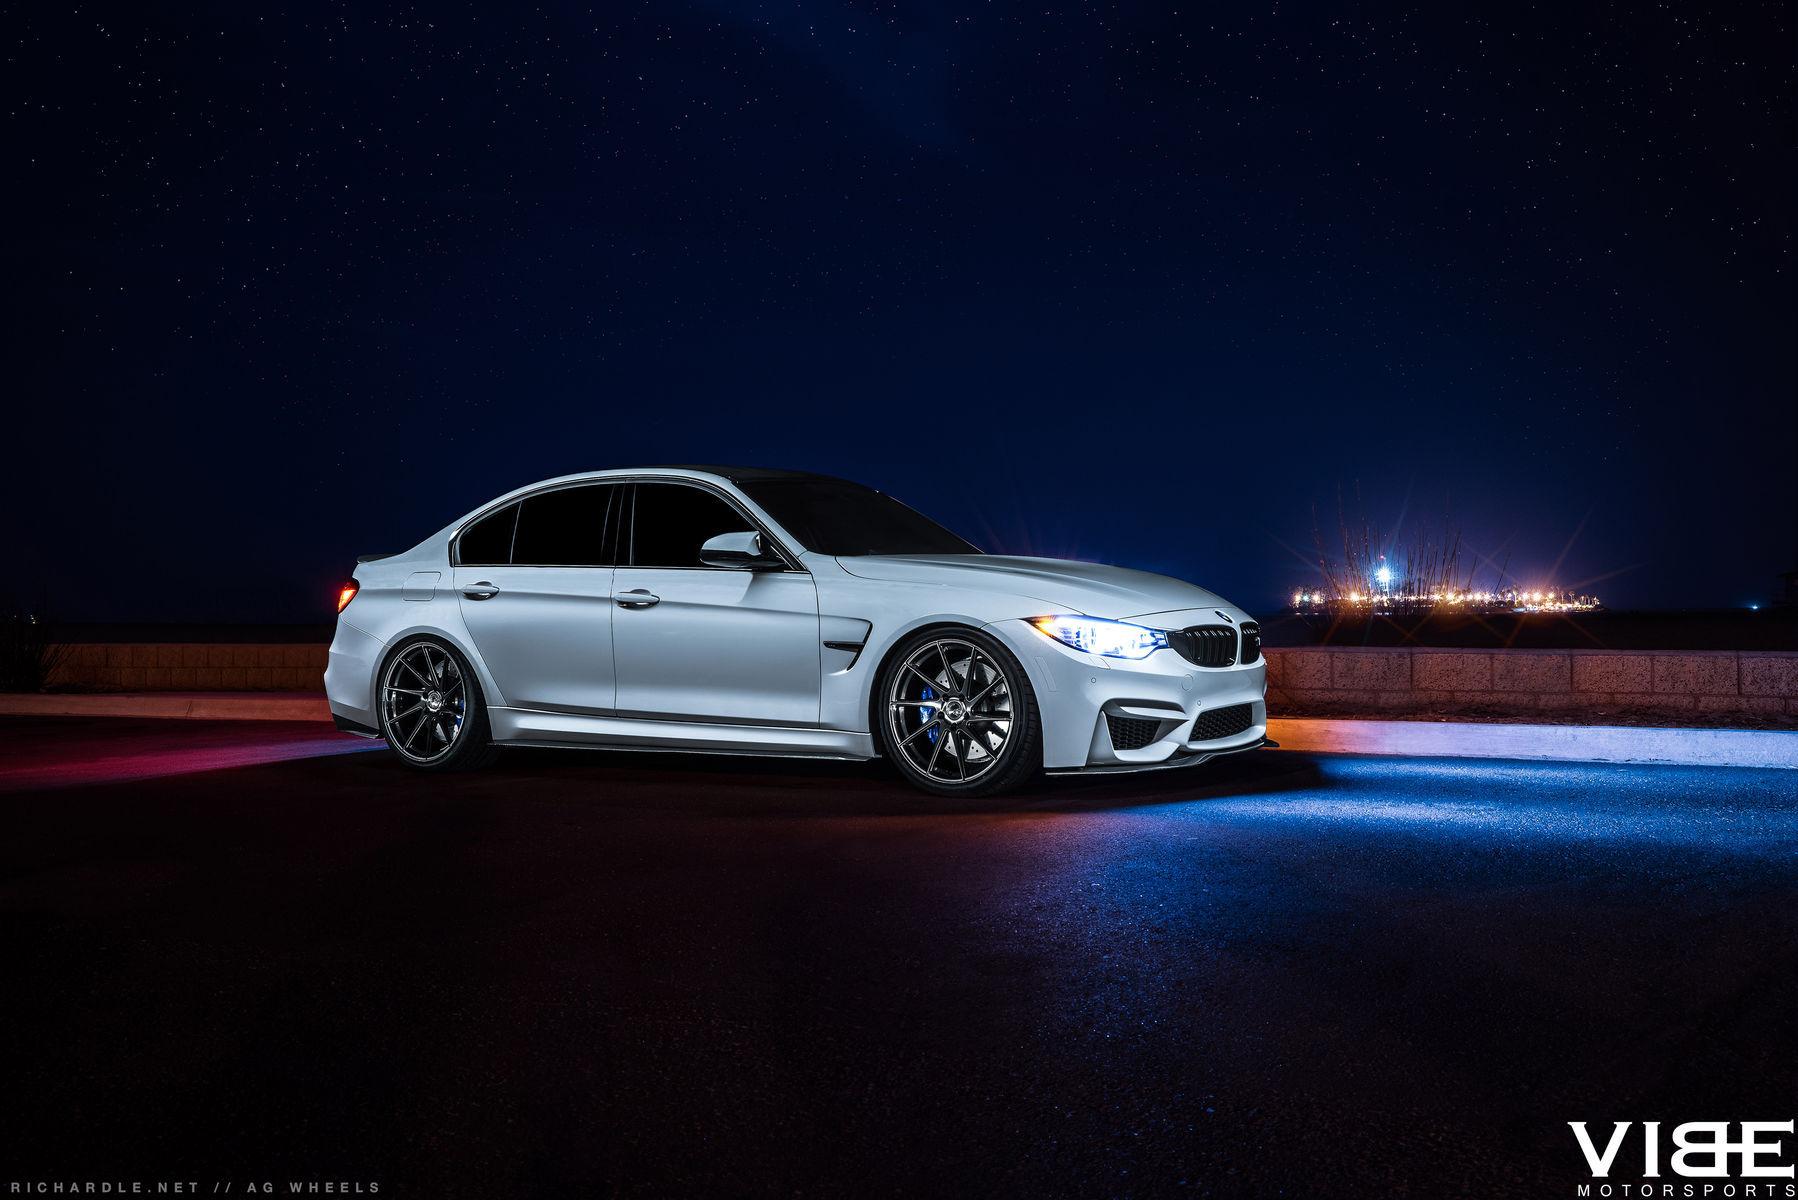 2016 BMW M3 | '16 BMW M3 on 20